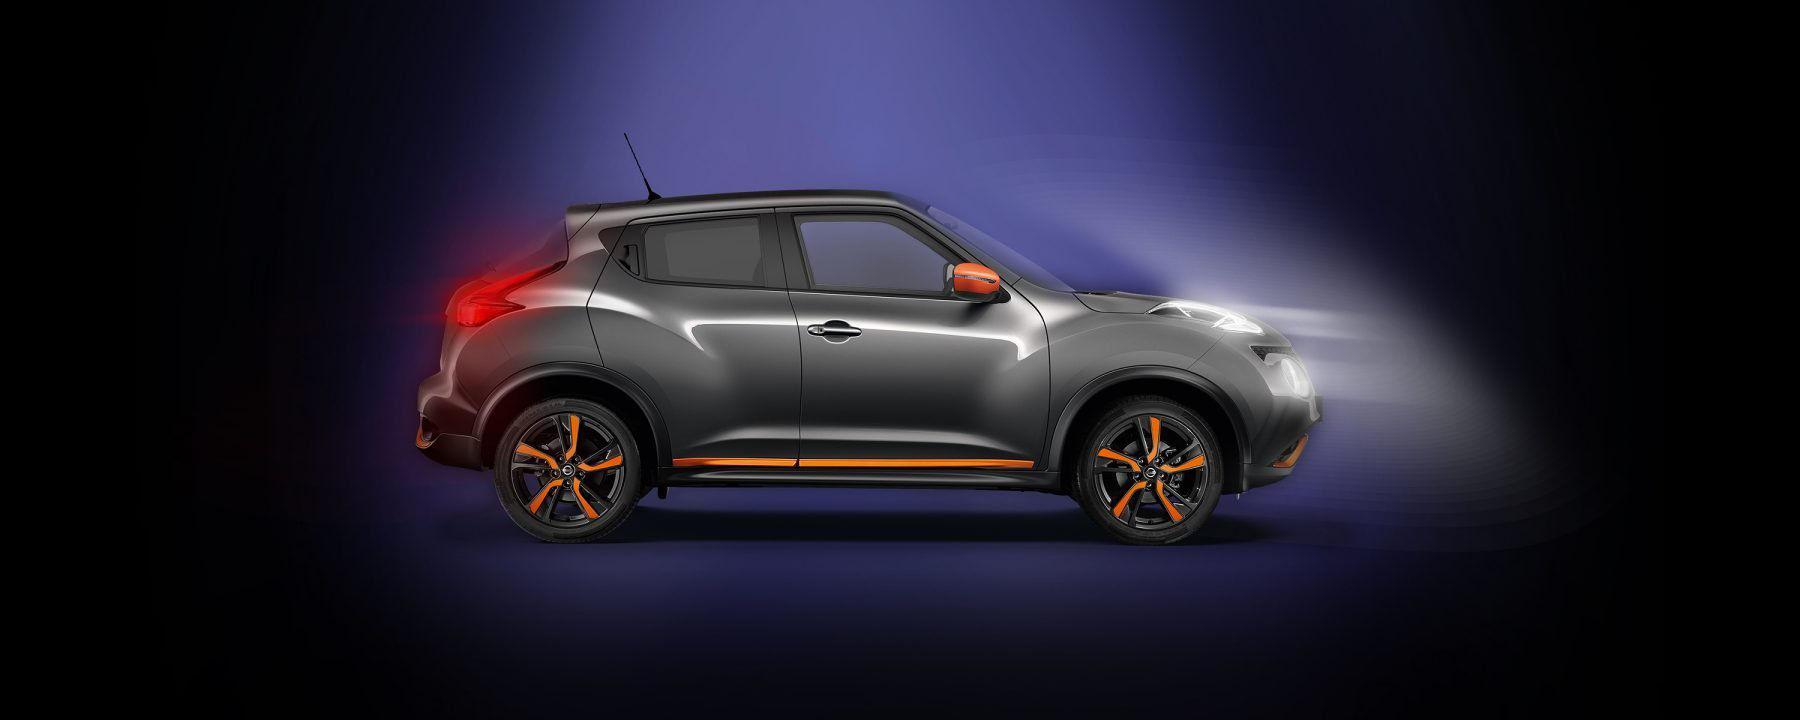 Nissan kategorisi için resim